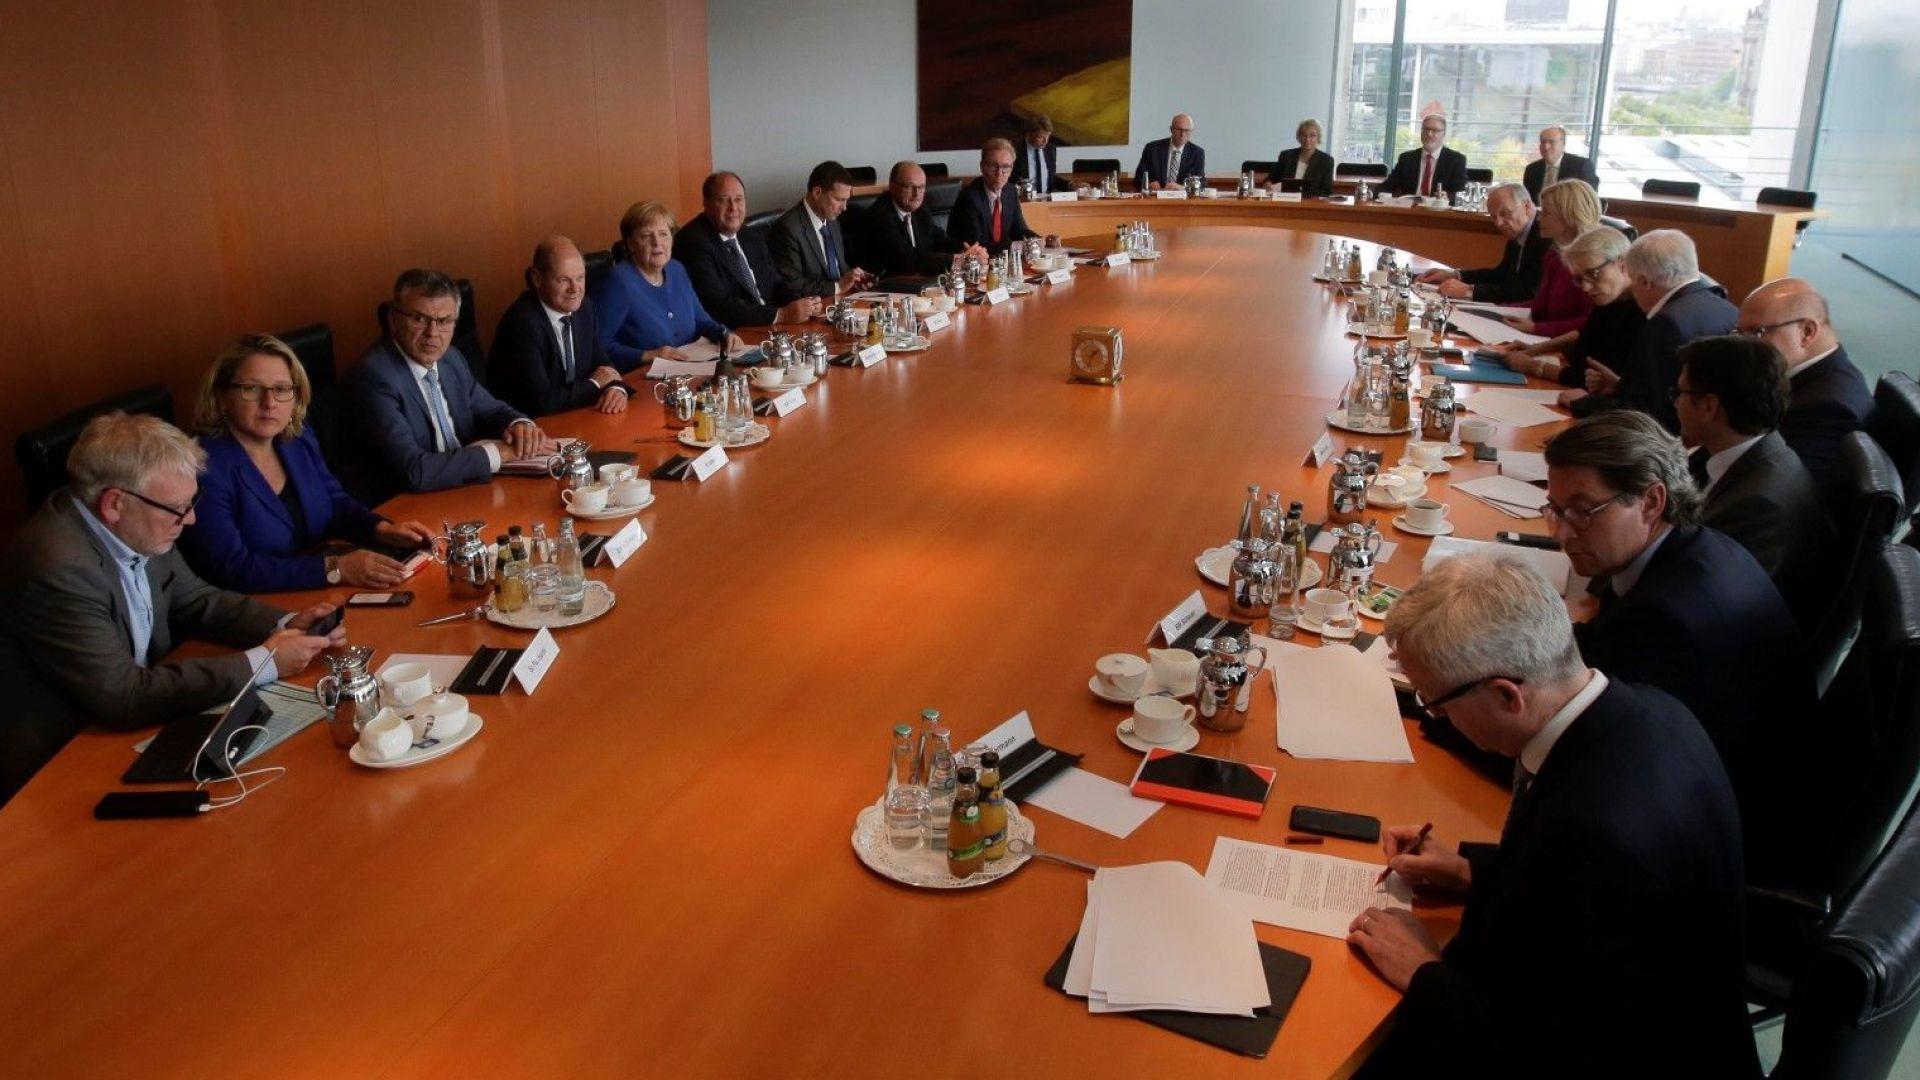 Партиите от крехката правителствена коалиция на германската канцлерка Ангела Меркел